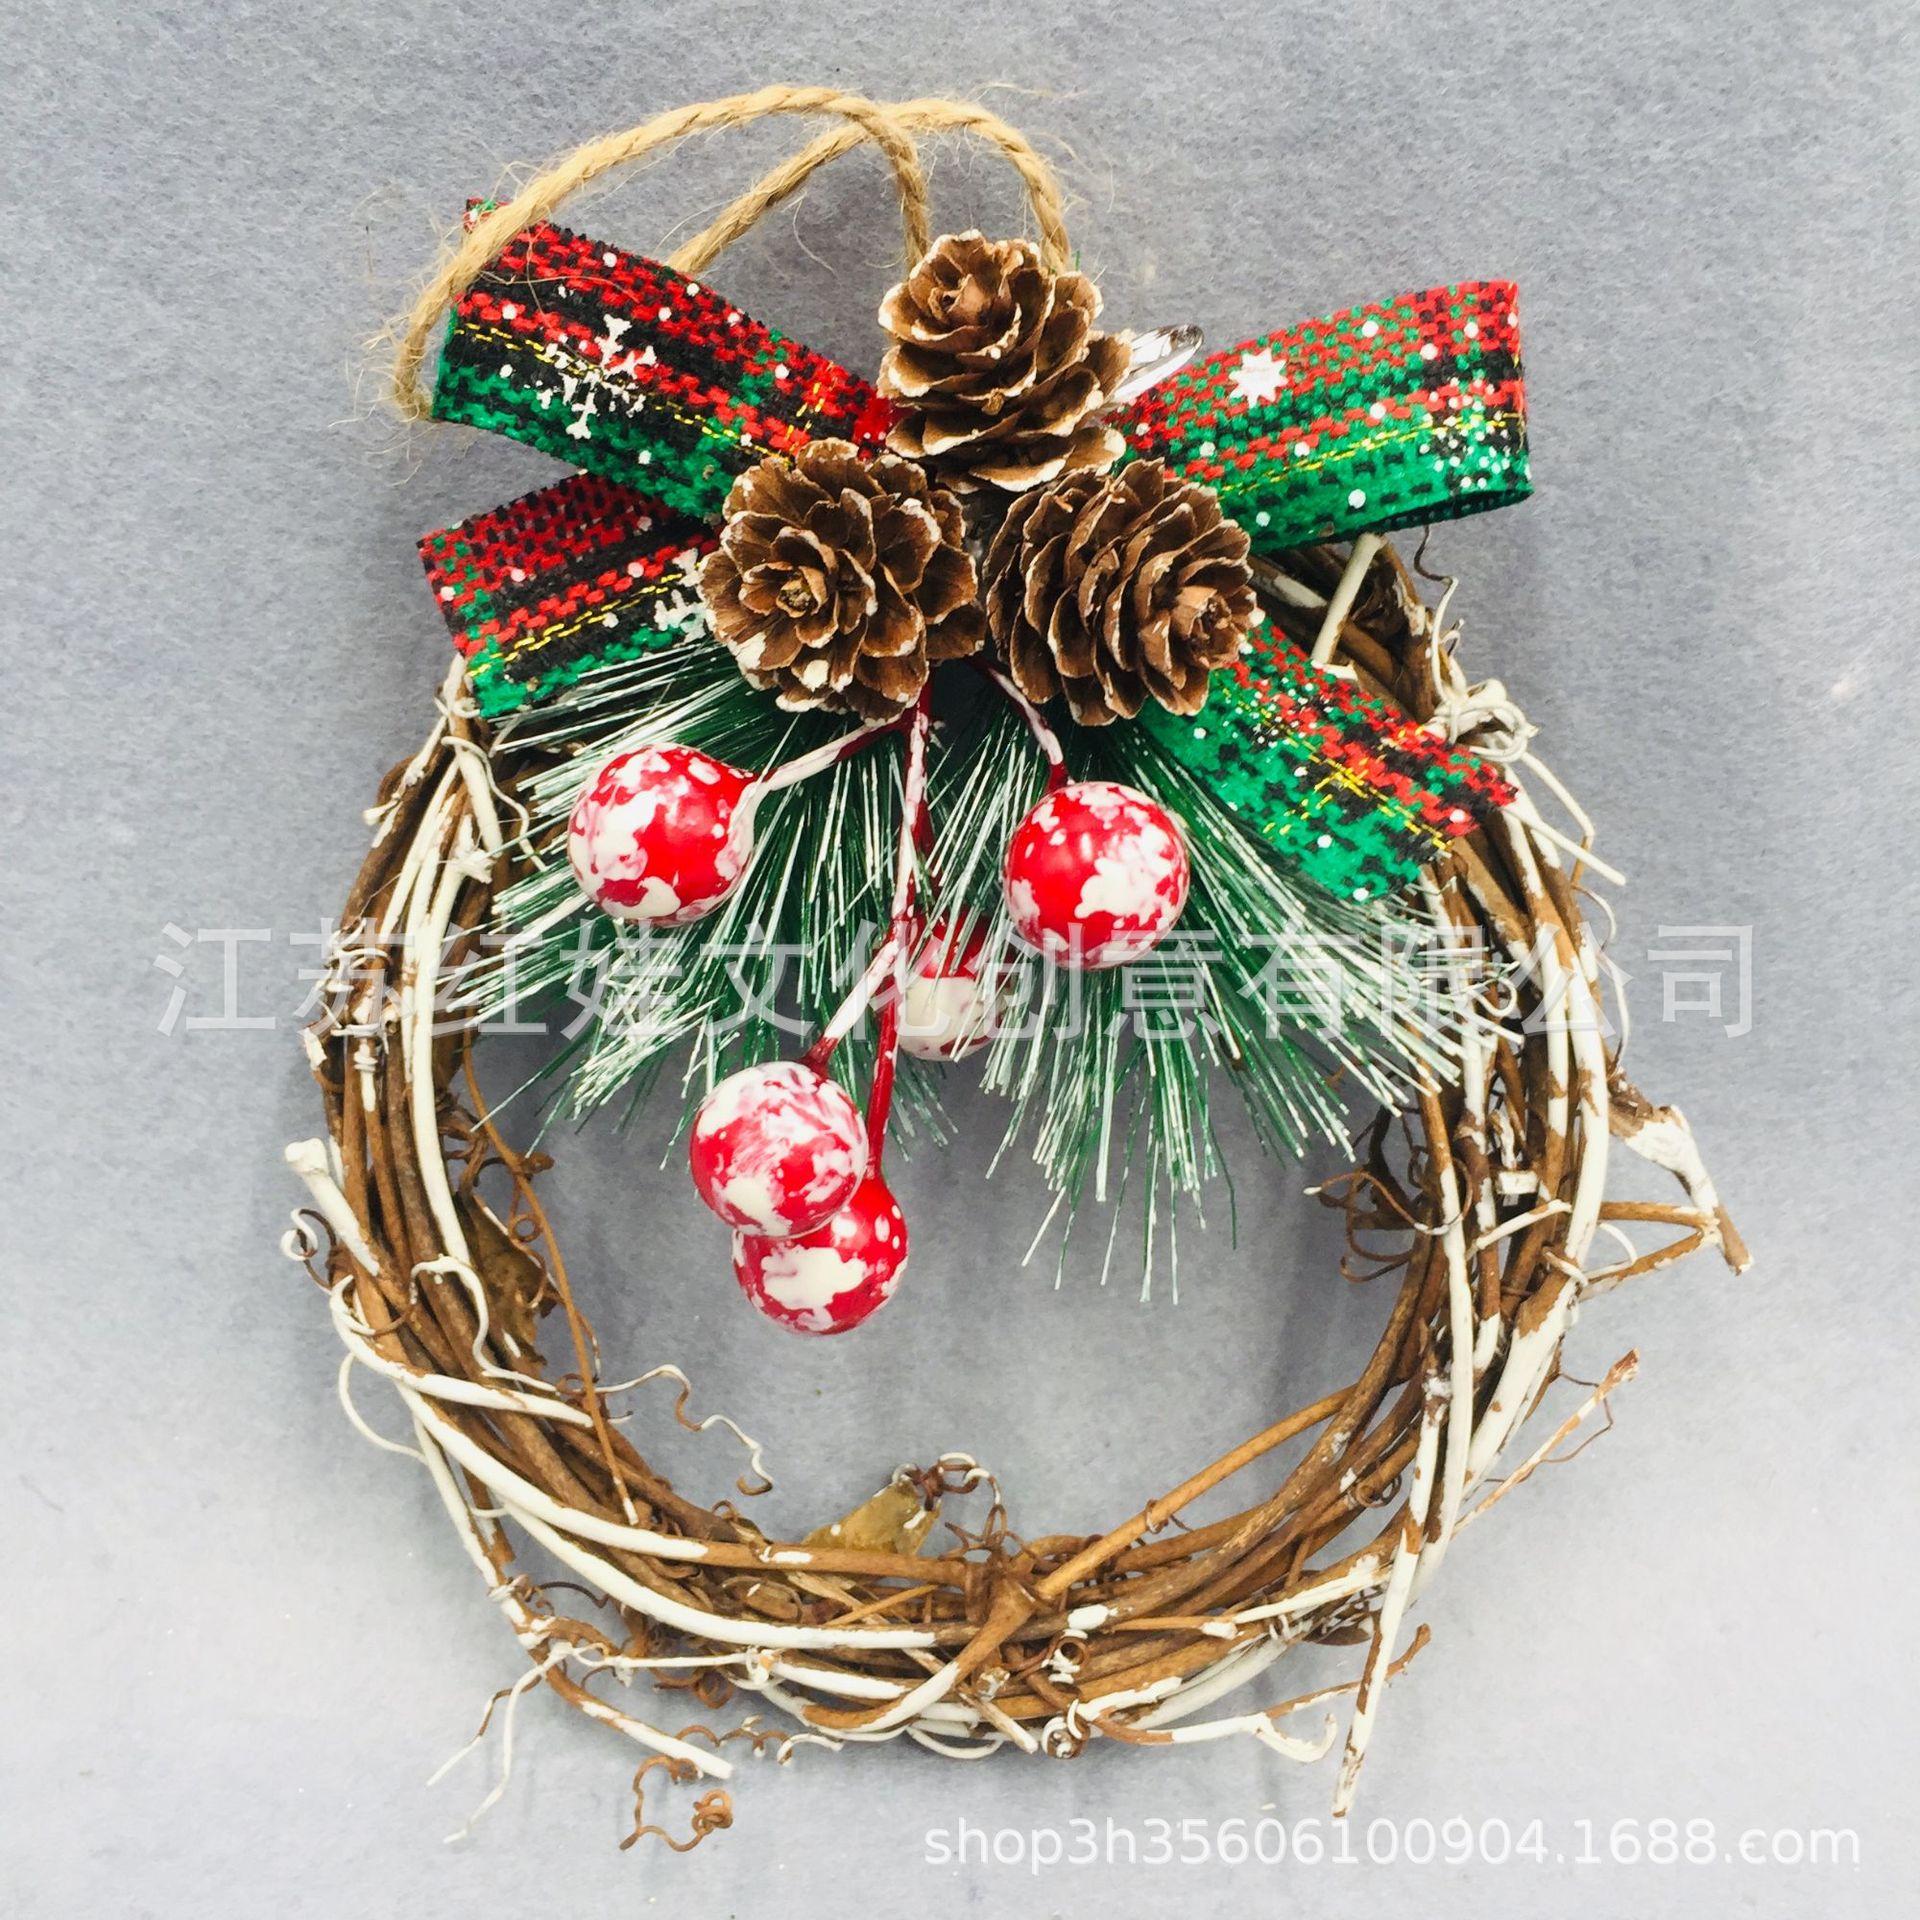 圣诞节天然藤圈花环红果松针装饰 圣诞门挂件摆件